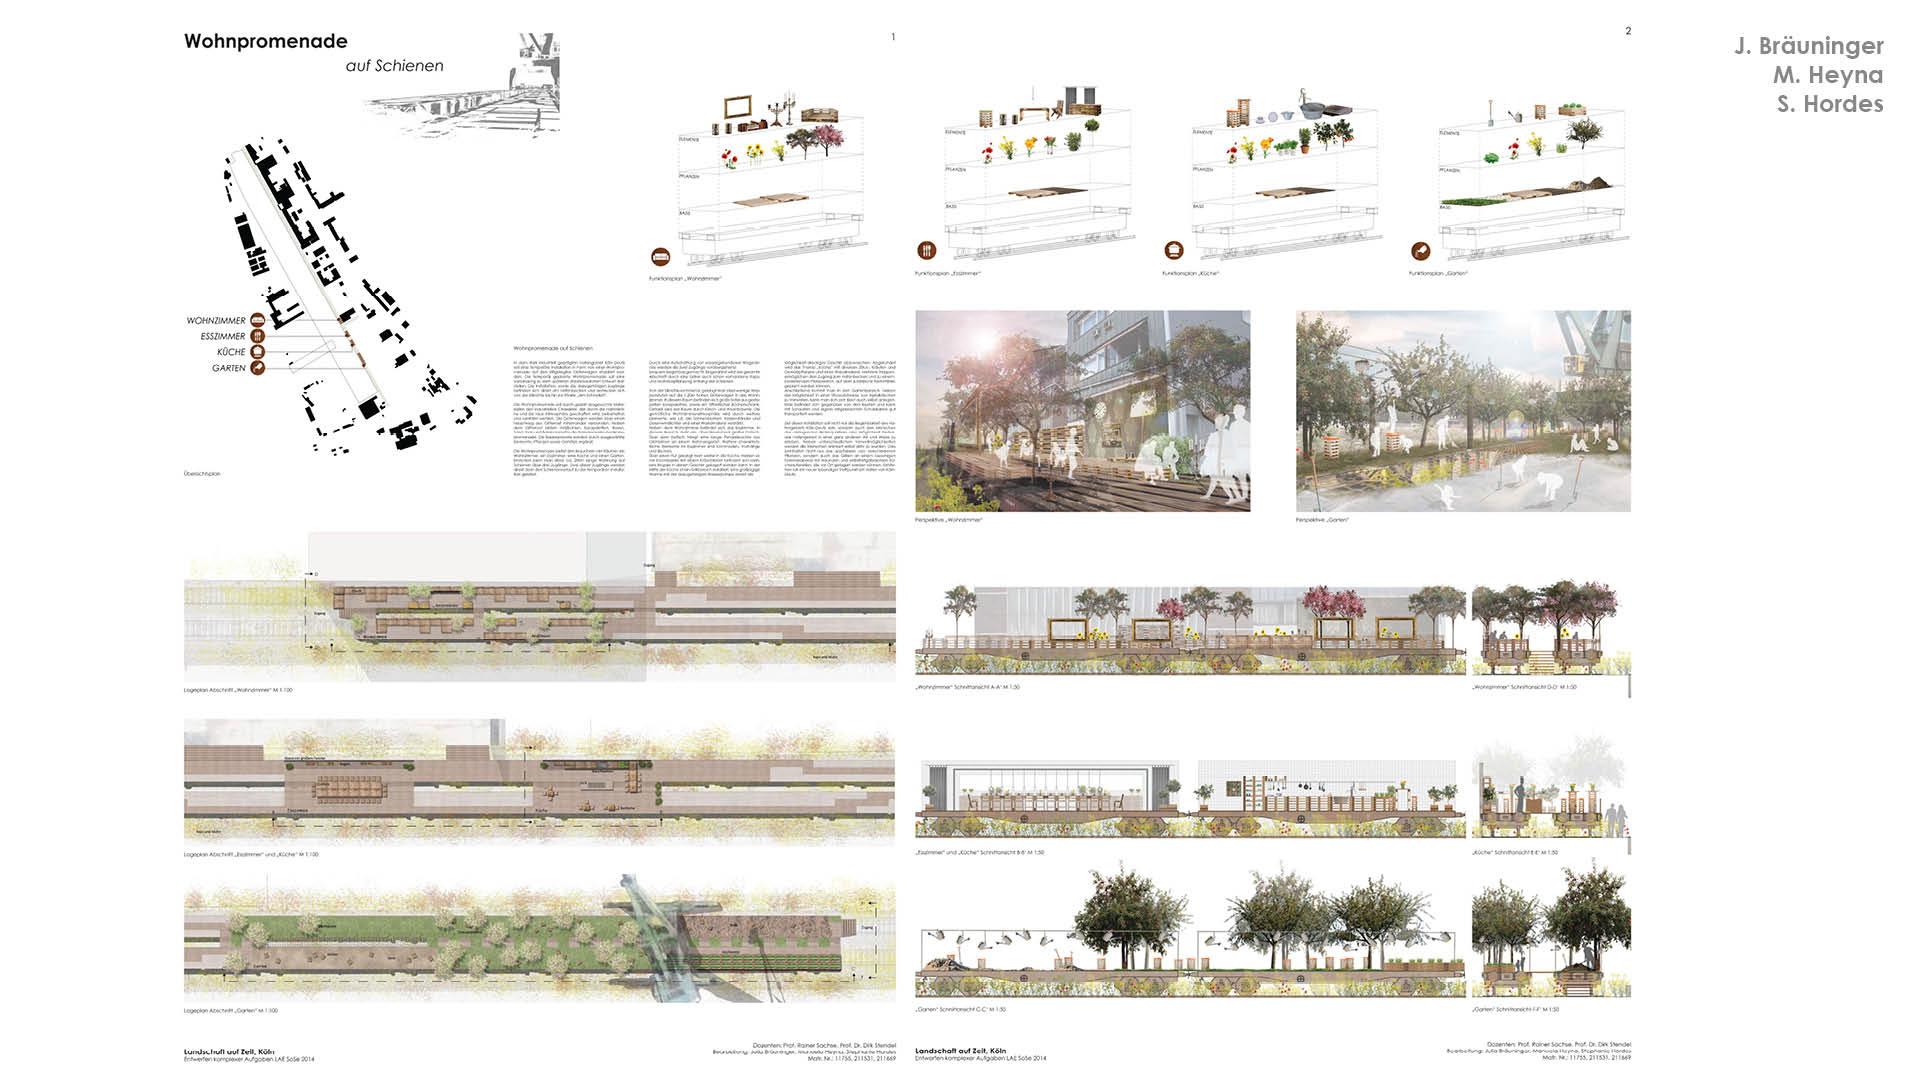 """In den nächsten zehn Jahren soll der Deutzer Hafen bebaut werden, """"Wohnpromenade"""" bringt schon jetzt die Menschen in das Areal."""